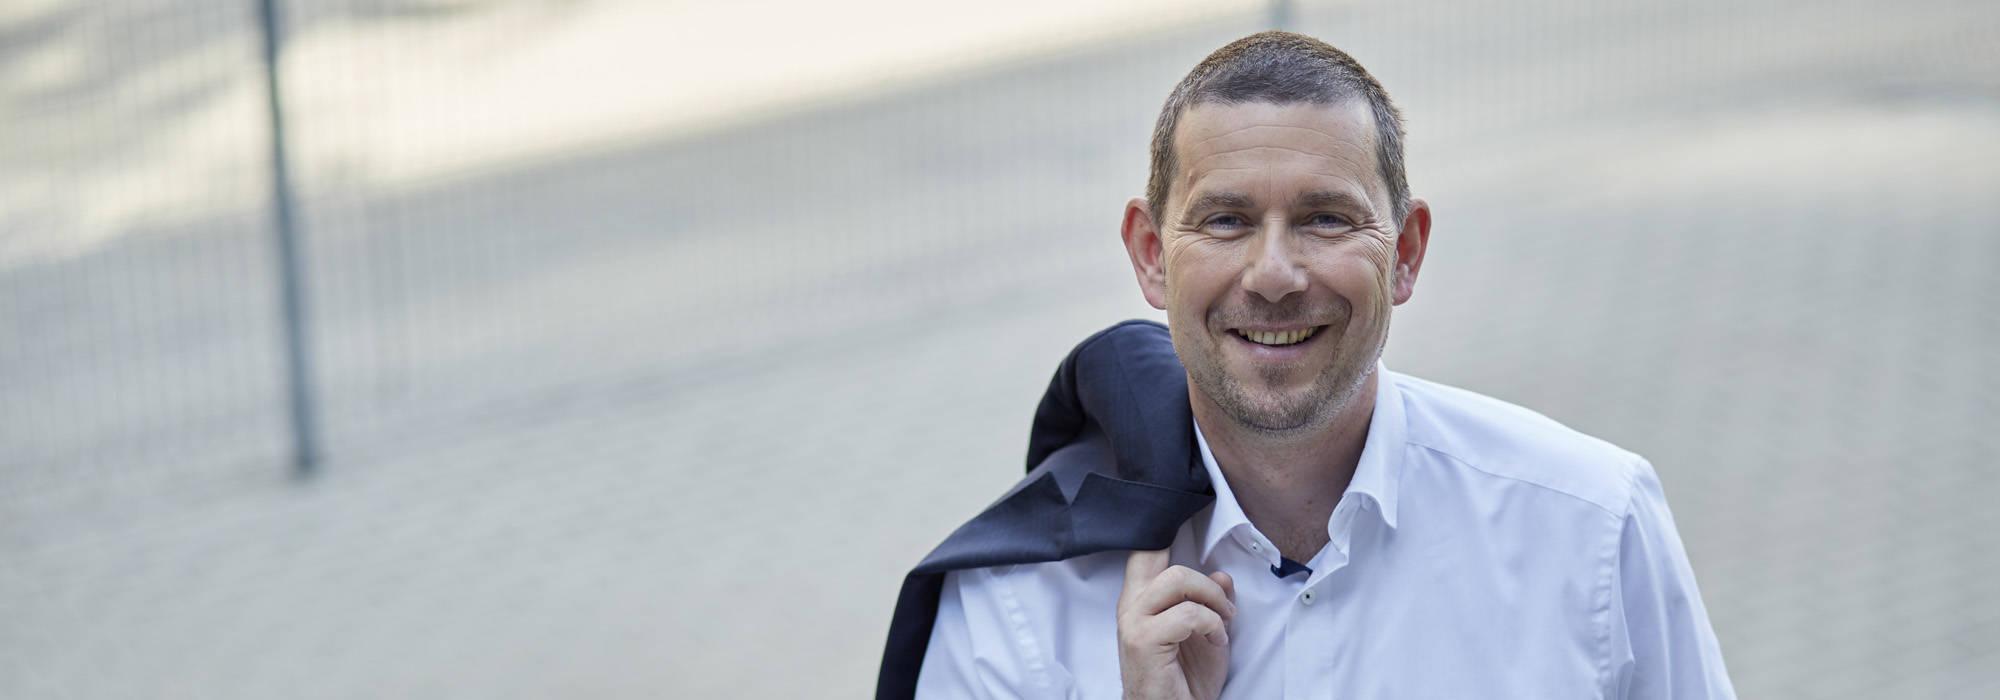 František Mikeš, Obchodní a marketingový ředitel společnosti Toyota Material Handling CZ se sakem přes rameno